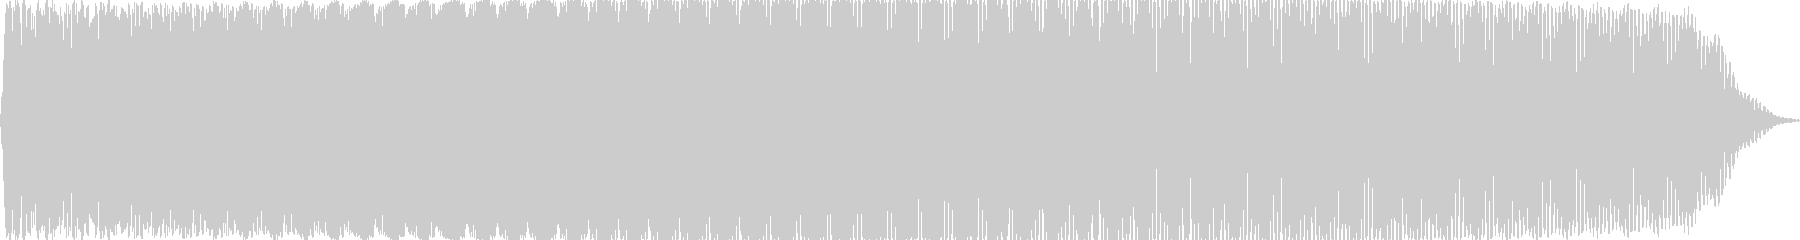 UFO船内音(重低音のうねり音)の未再生の波形